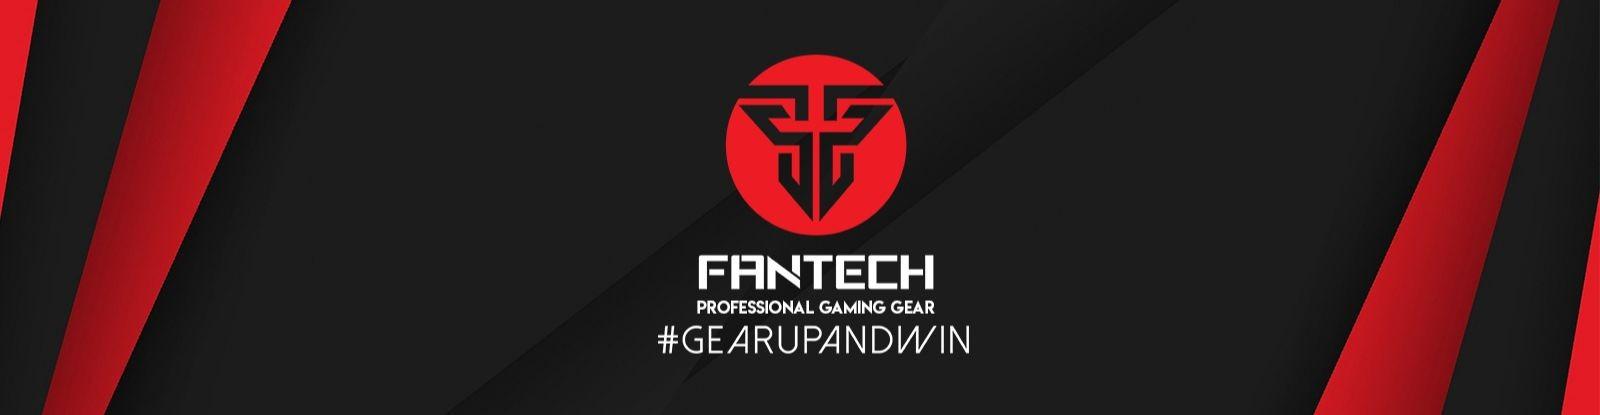 Fantech Official Store